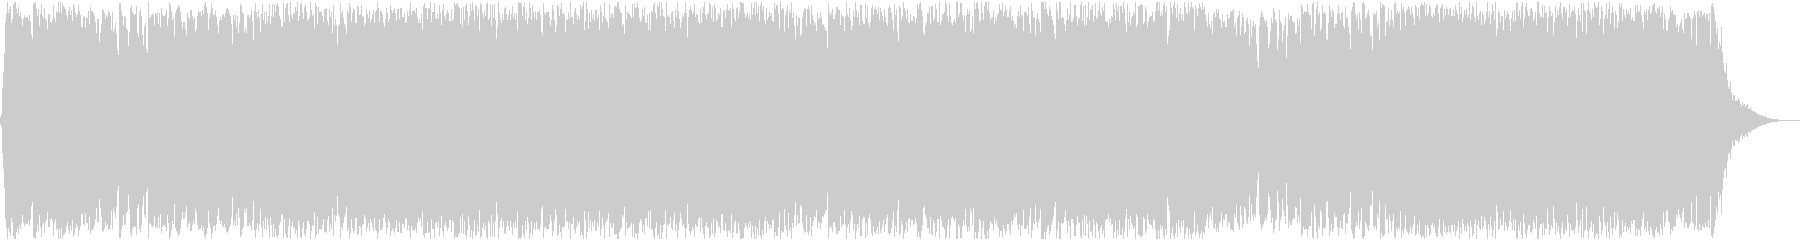 ダークファンタジーオーケストラ戦闘曲56の未再生の波形